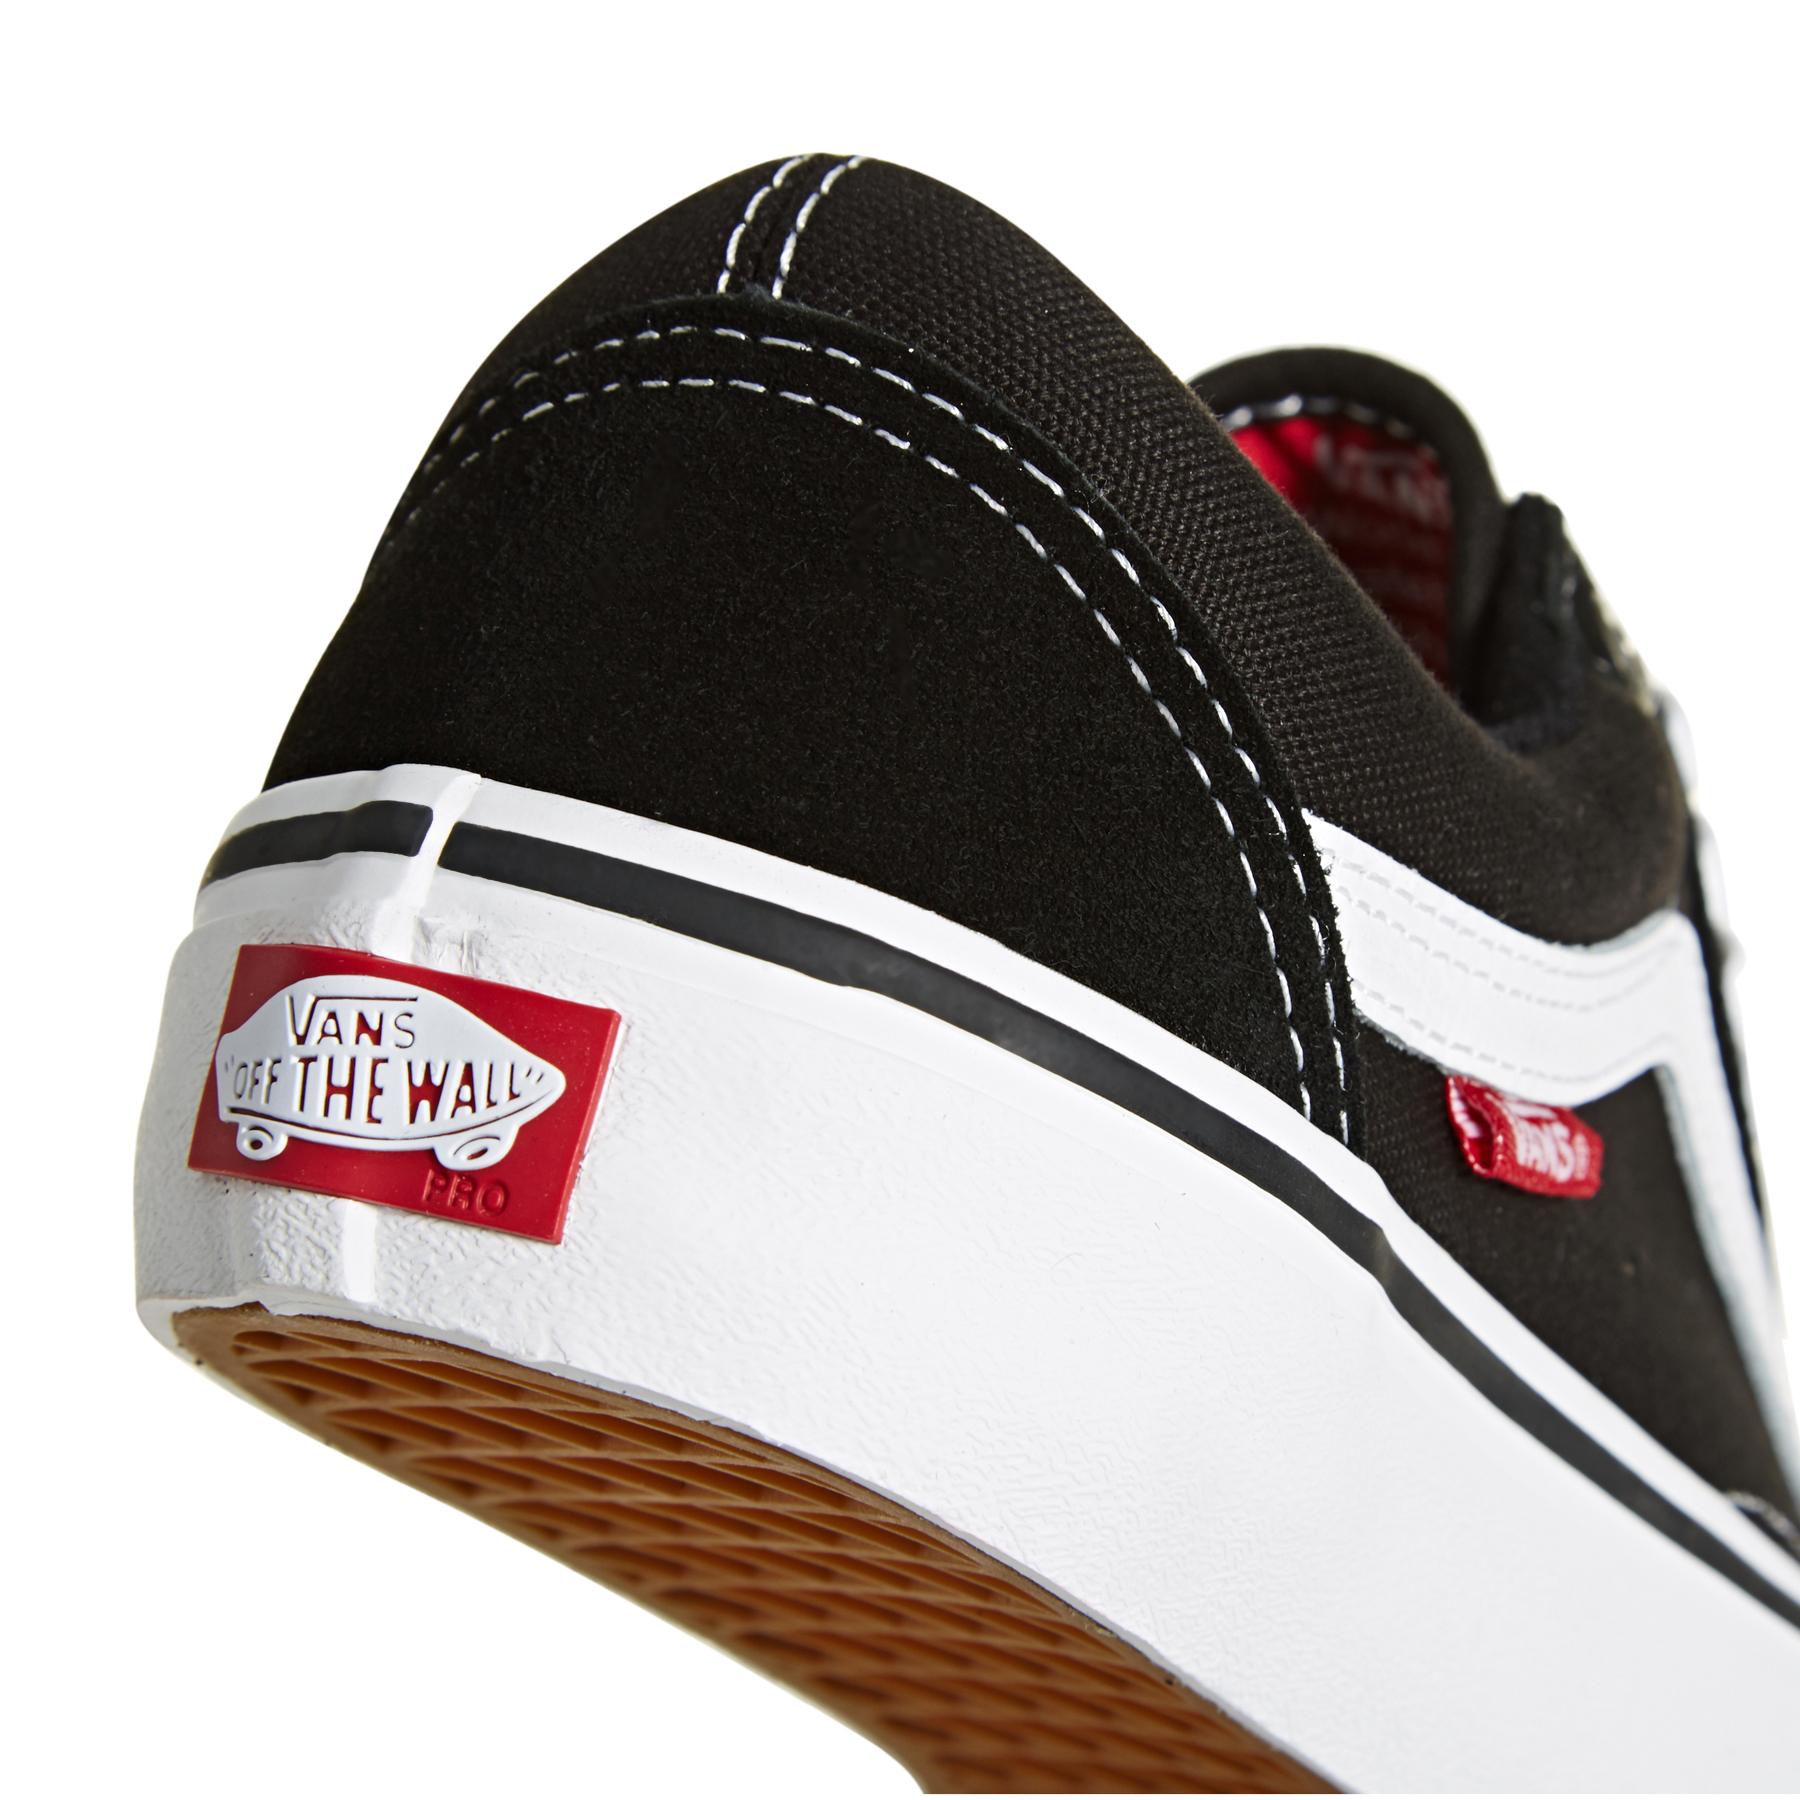 Sapatos Vans Old Skool Pro Envio Grátis* com as nossas